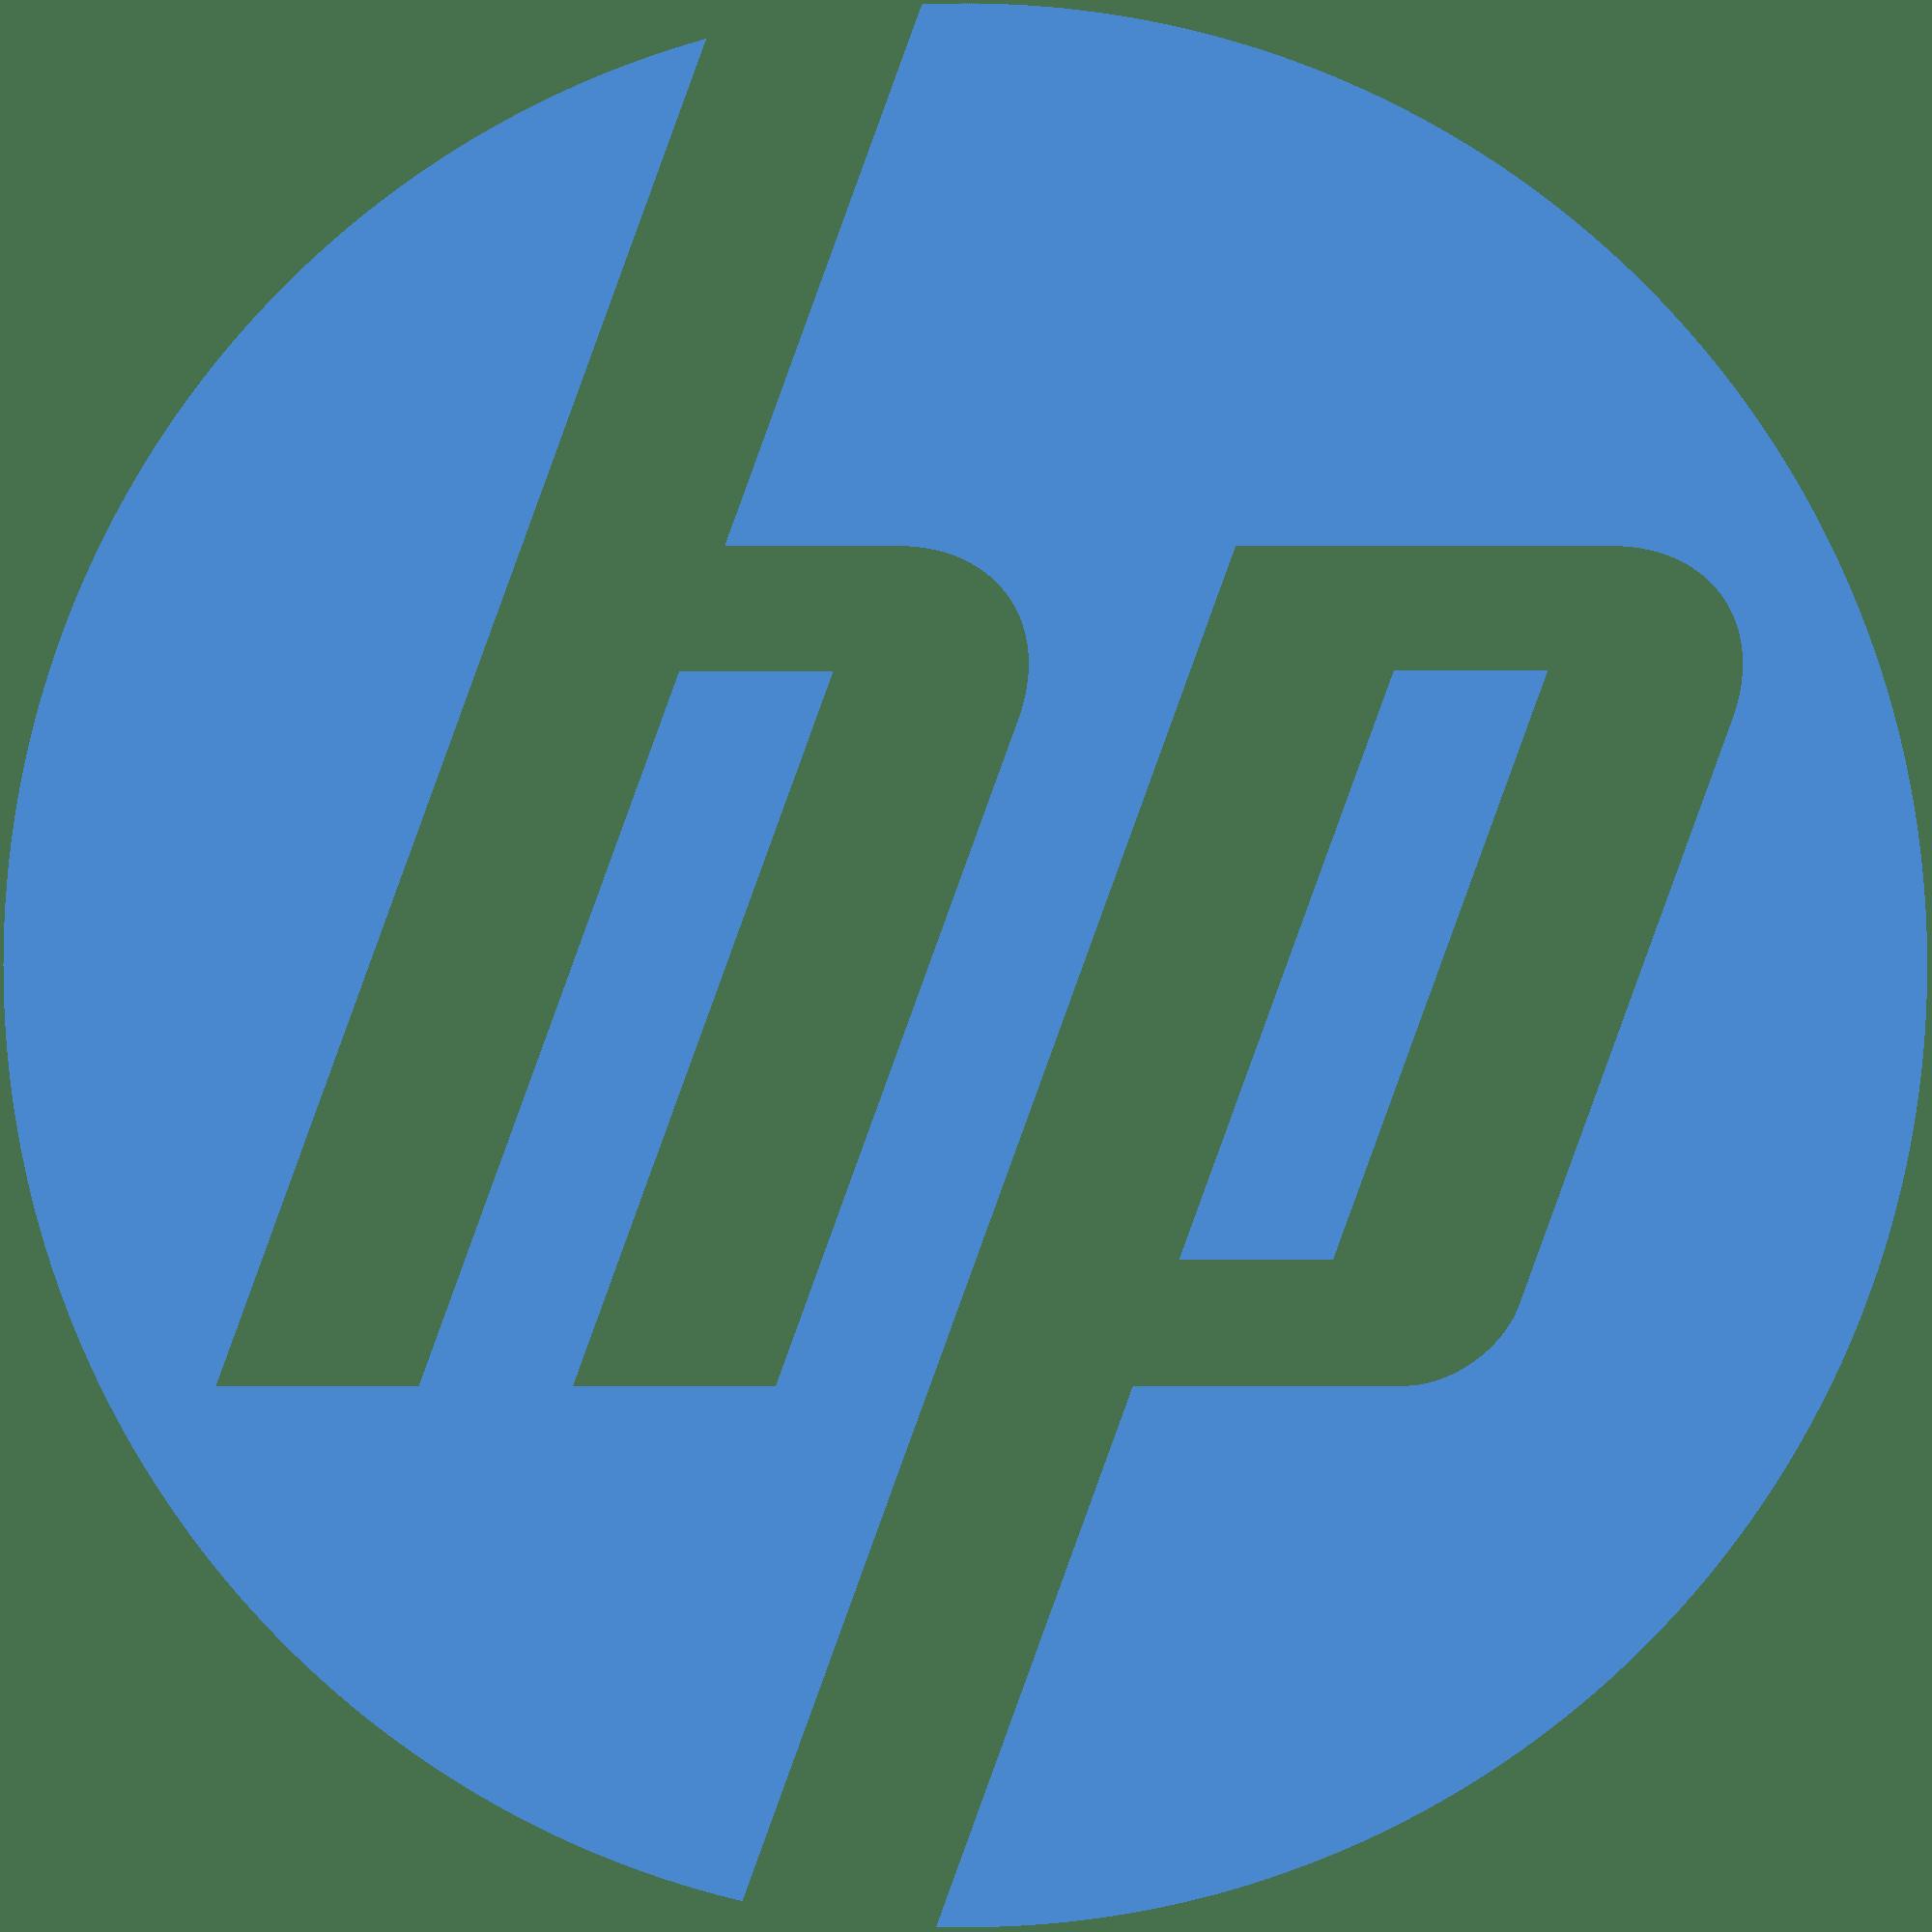 HP 2009v 20-inch Diagonal LCD Monitor drivers